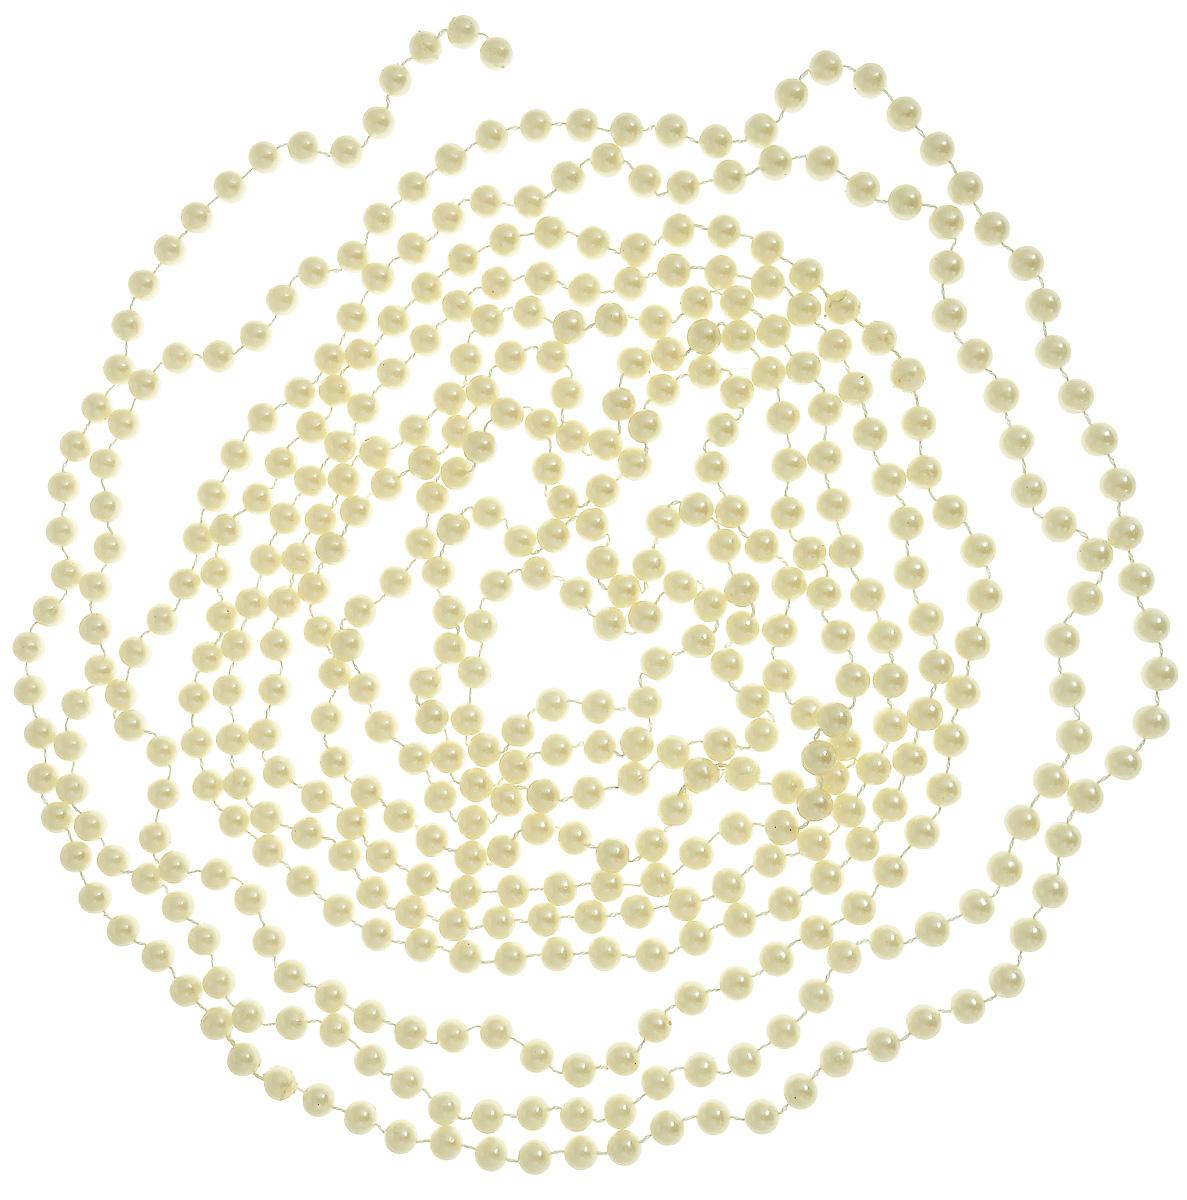 Гирлянда новогодняя Lovemark Бусы, цвет: жемчужный, длина 5 мT801/5F/PERLНовогодняя гирлянда Lovemark Бусы, выполненная из пластика и текстиля, украсит интерьер вашего дома или офиса в преддверии Нового года. Оригинальный дизайн и красочное исполнение создадут праздничное настроение. Новогодние украшения всегда несут в себе волшебство и красоту праздника. Создайте в своем доме атмосферу тепла, веселья и радости, украшая его всей семьей. Общая длина гирлянды: 5 м. Диаметр бусины: 8 мм.